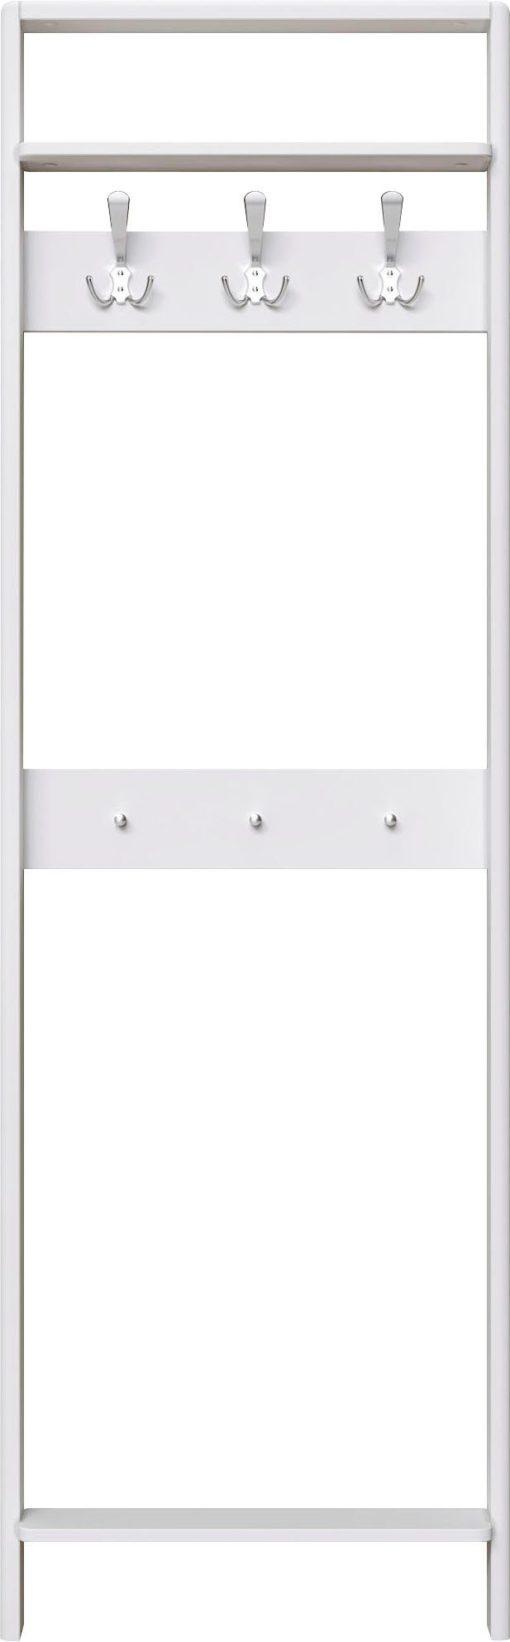 Biały woskowany wieszak na ścianę, sosnowy